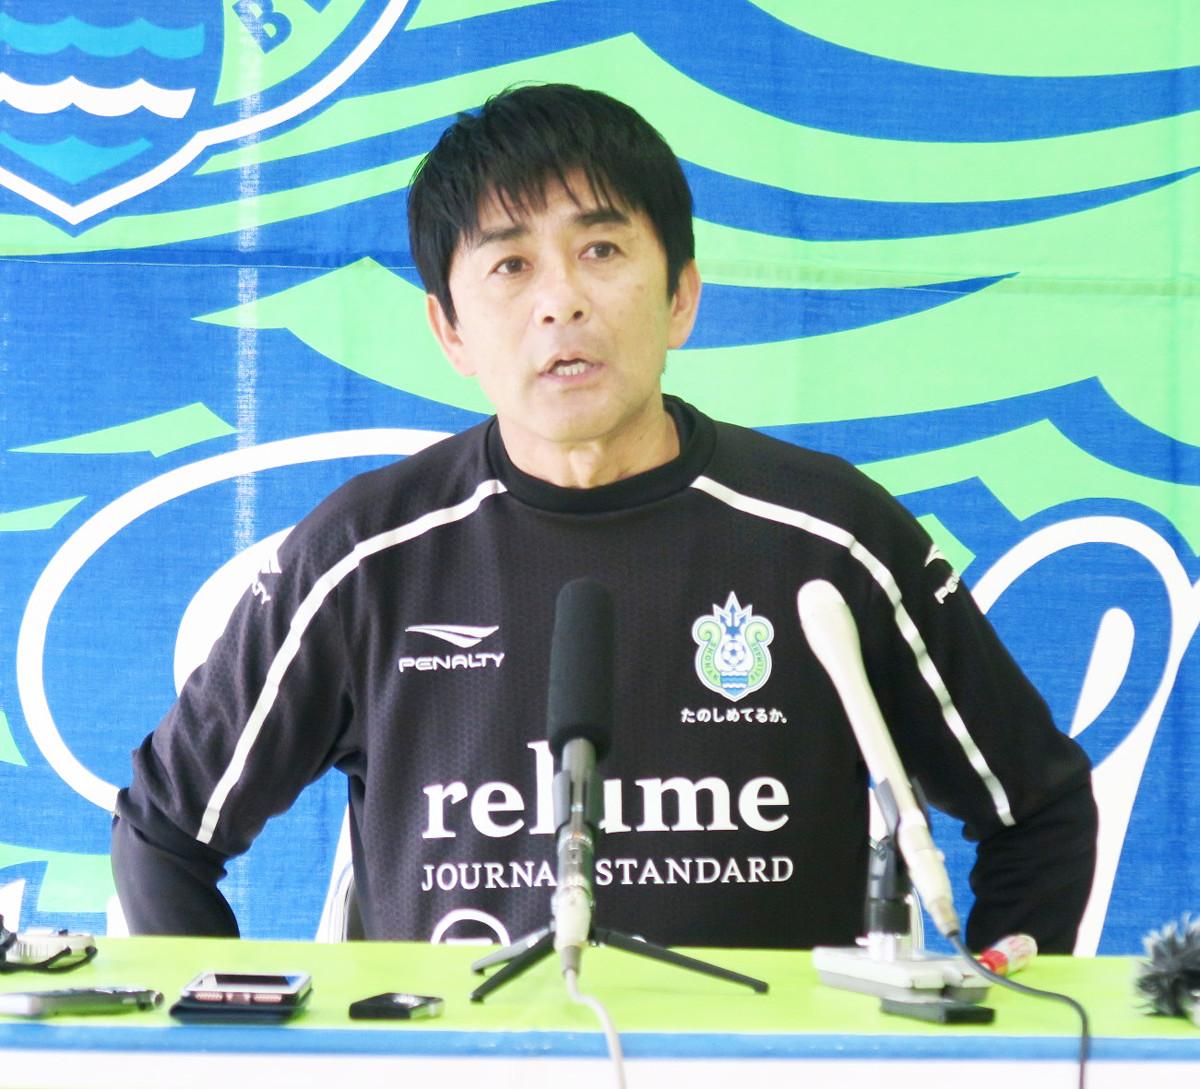 湘南】浮嶋新監督「湘南スタイル」復活で「目標はJ1残留 ...